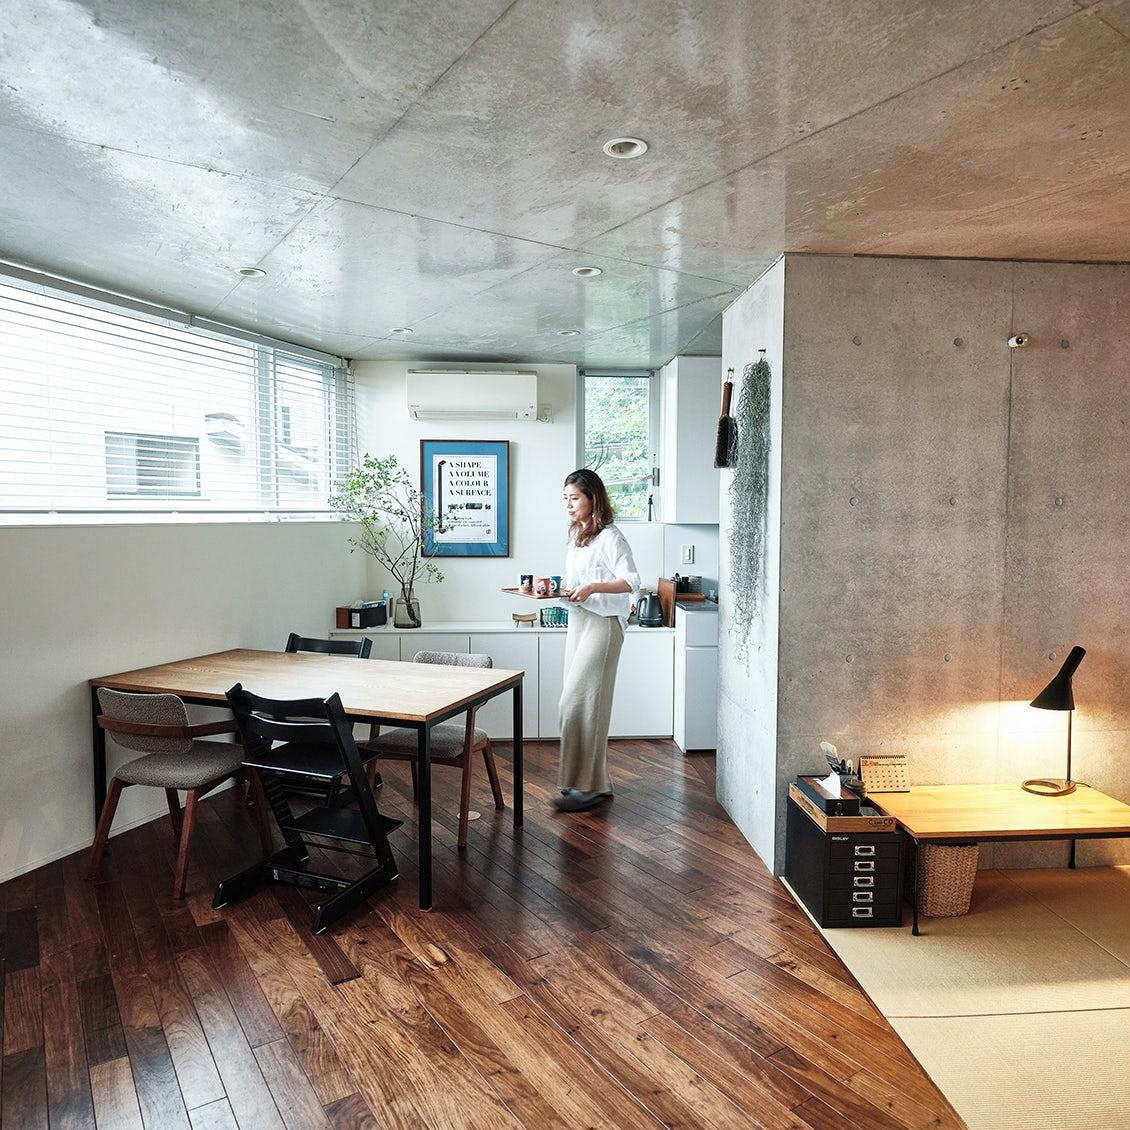 【わが家の冬じたく】部屋をおしゃれに、あたたかく。家がもっと好きになるインテリア